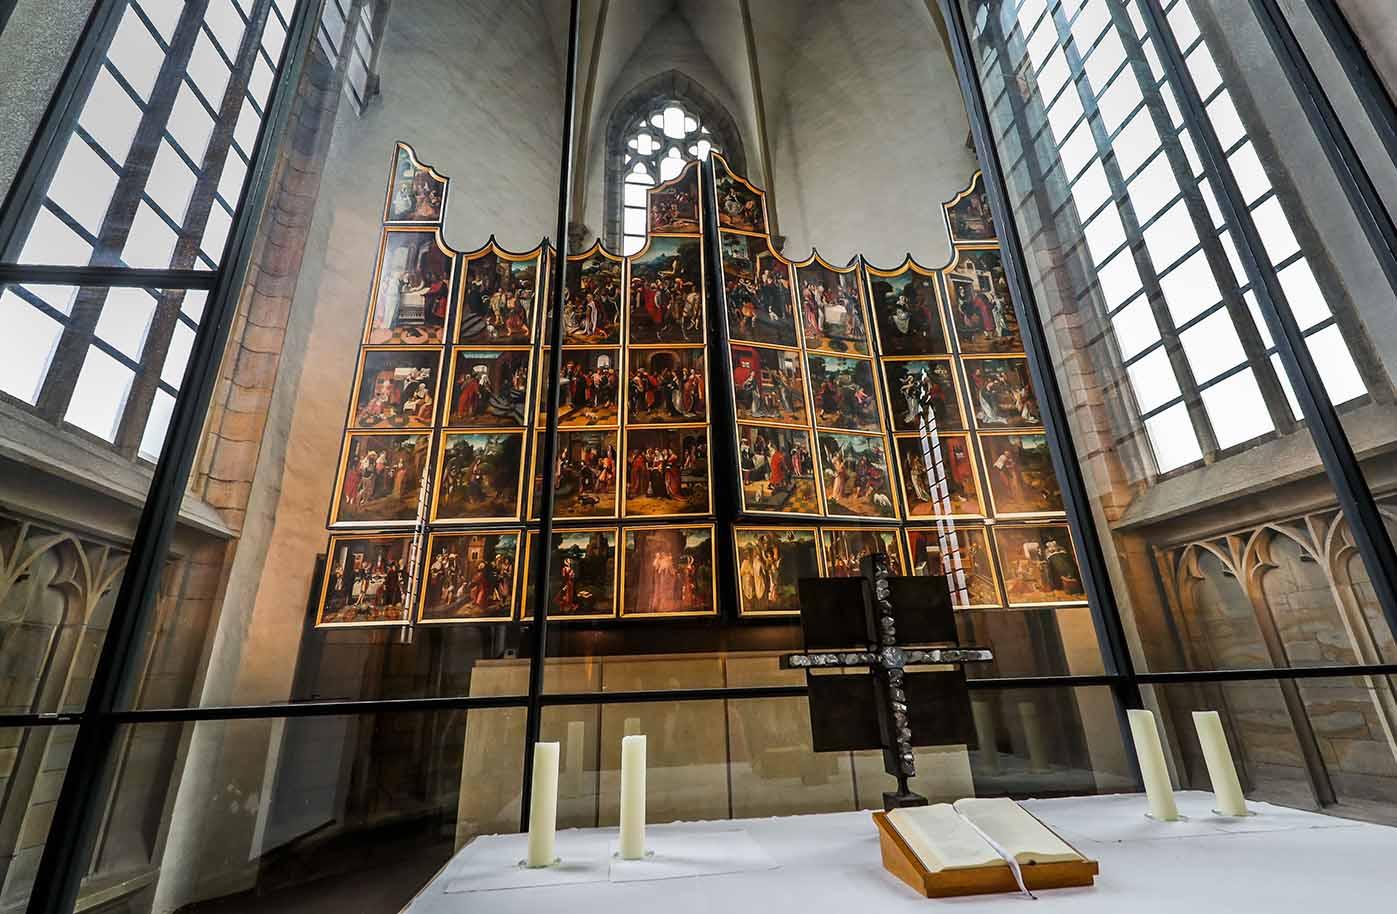 """Der prachtvolle Antwerpener Flügelaltar der St. Petri-Kirche ist als das """"Goldene Wunder"""" bekannt. Fotos: Stephan Schuetze"""